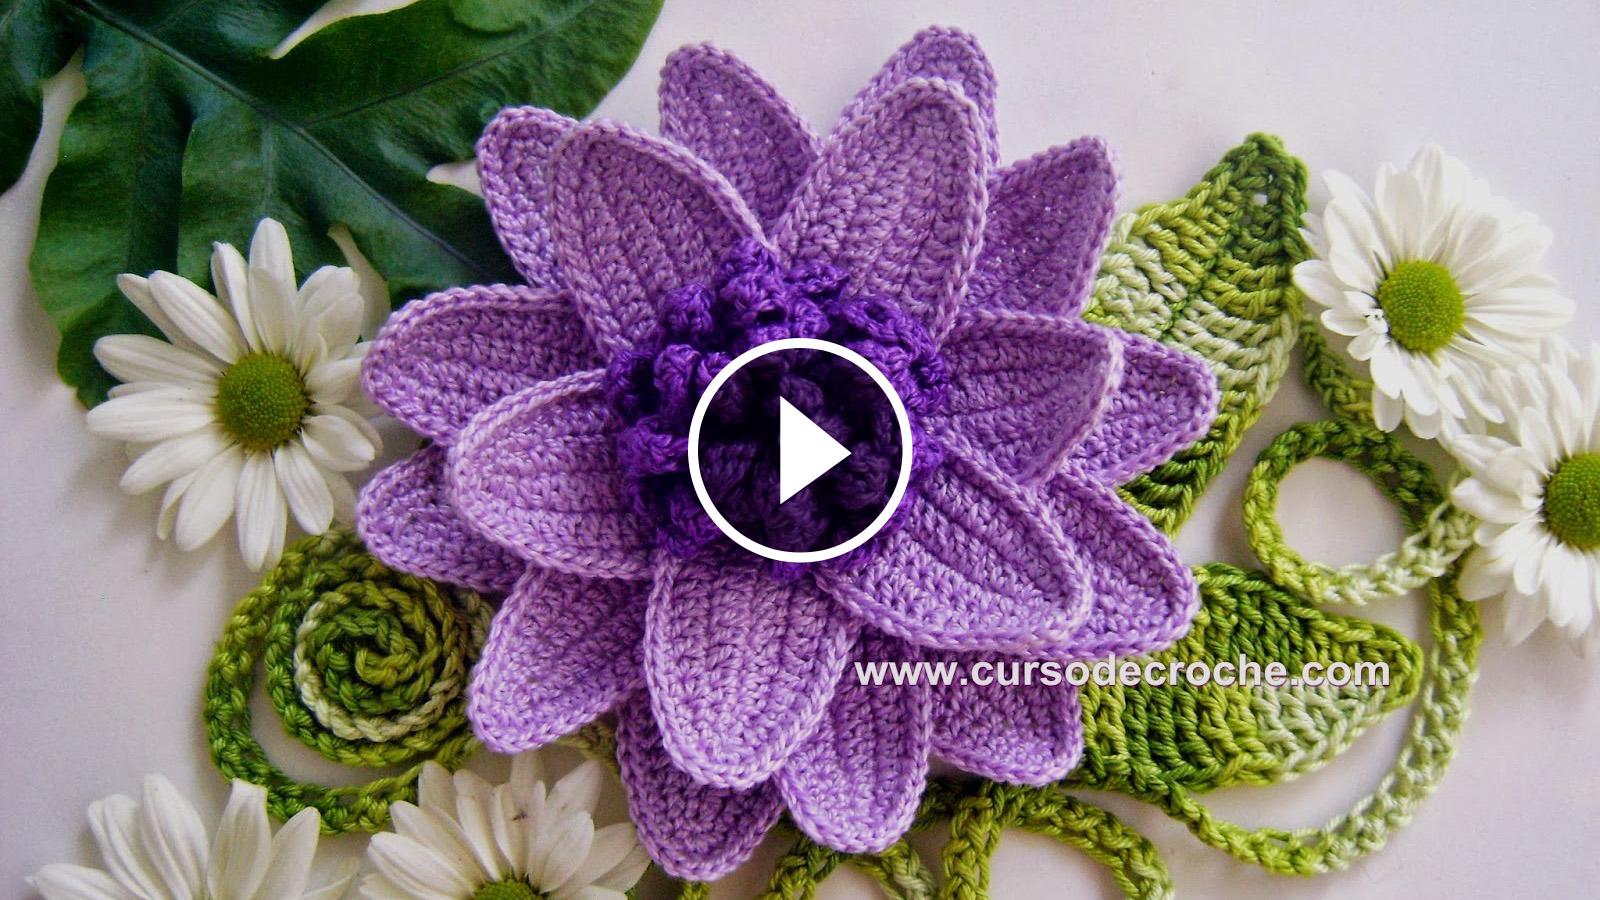 Crochet Flower Images